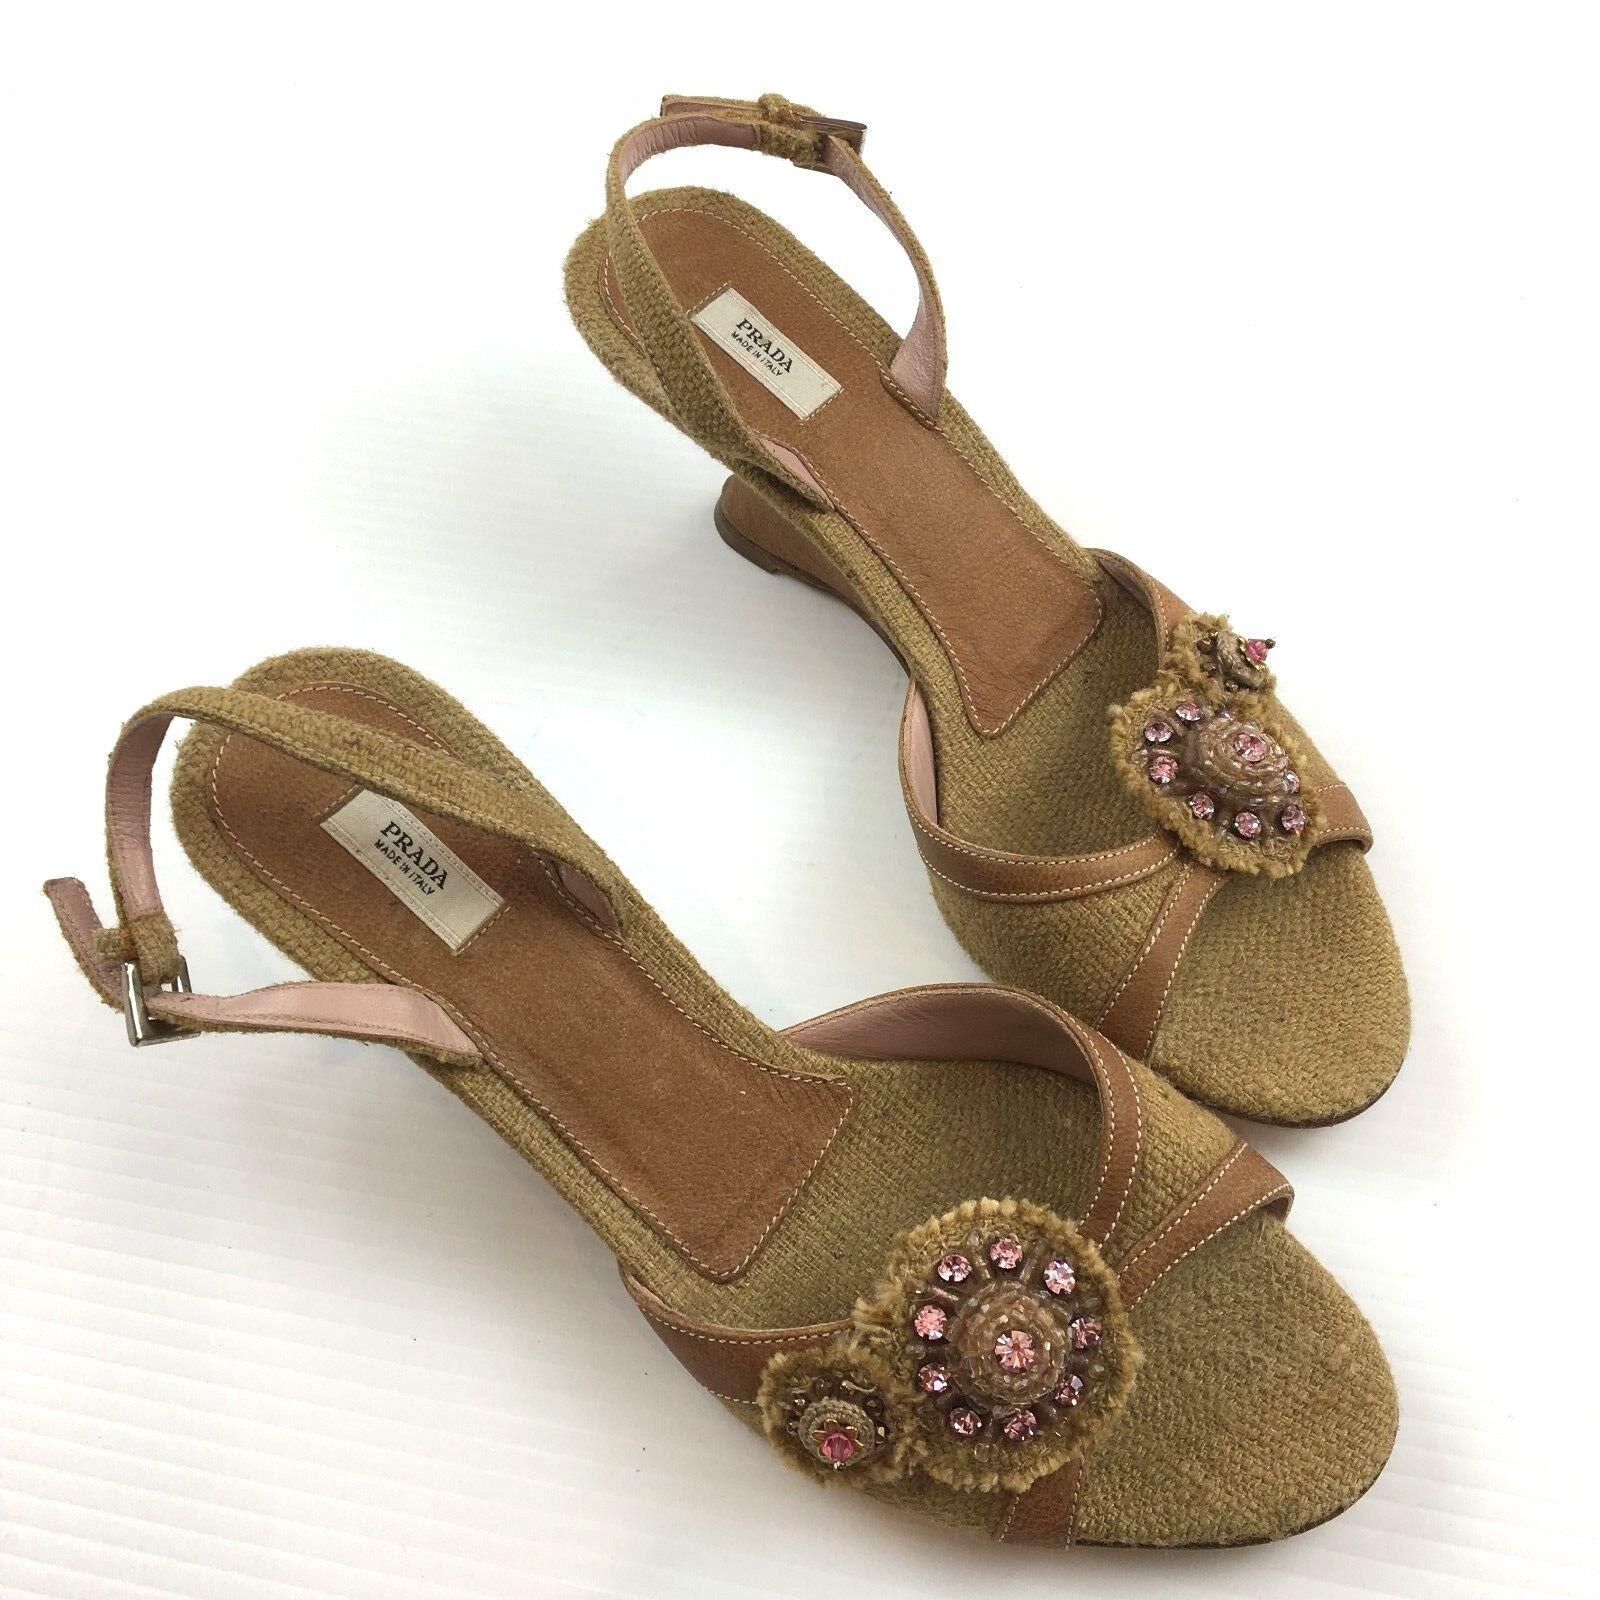 Prada Sandalias Beige Lona Cuero Tacón Con Plataforma Peep Toes Zapatos EU37.5 US 7